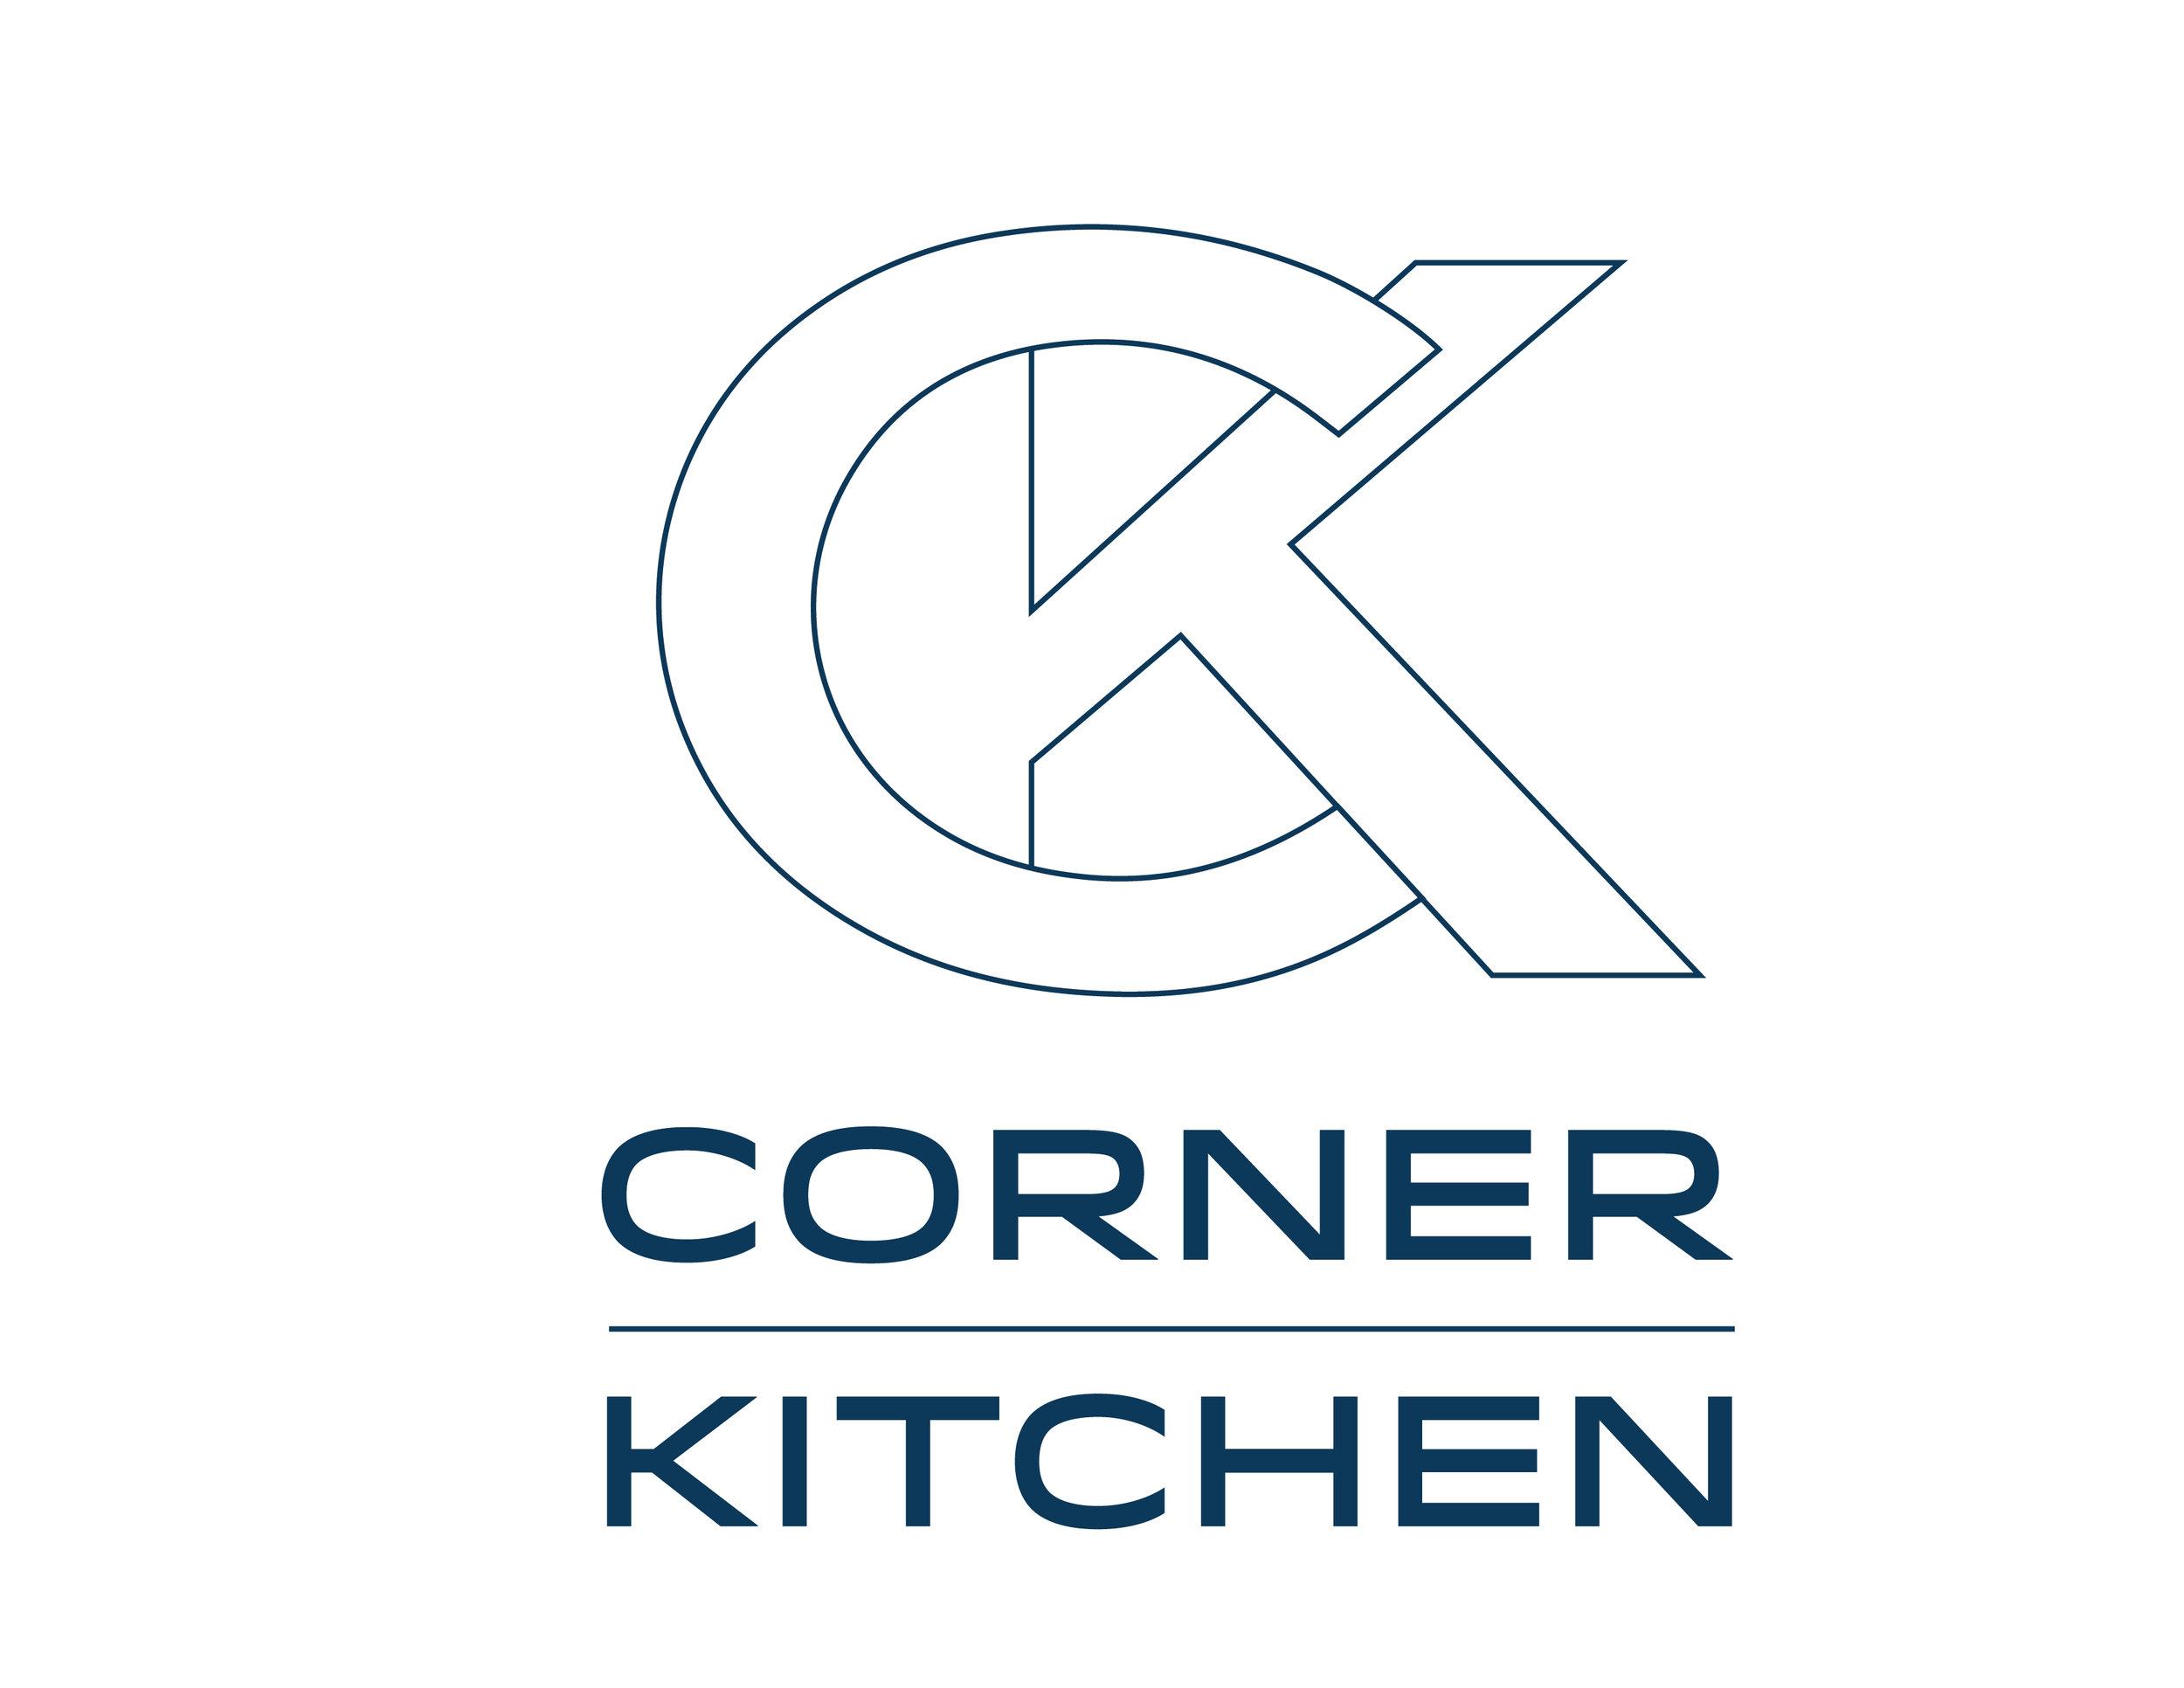 Corner Kitchen.jpg